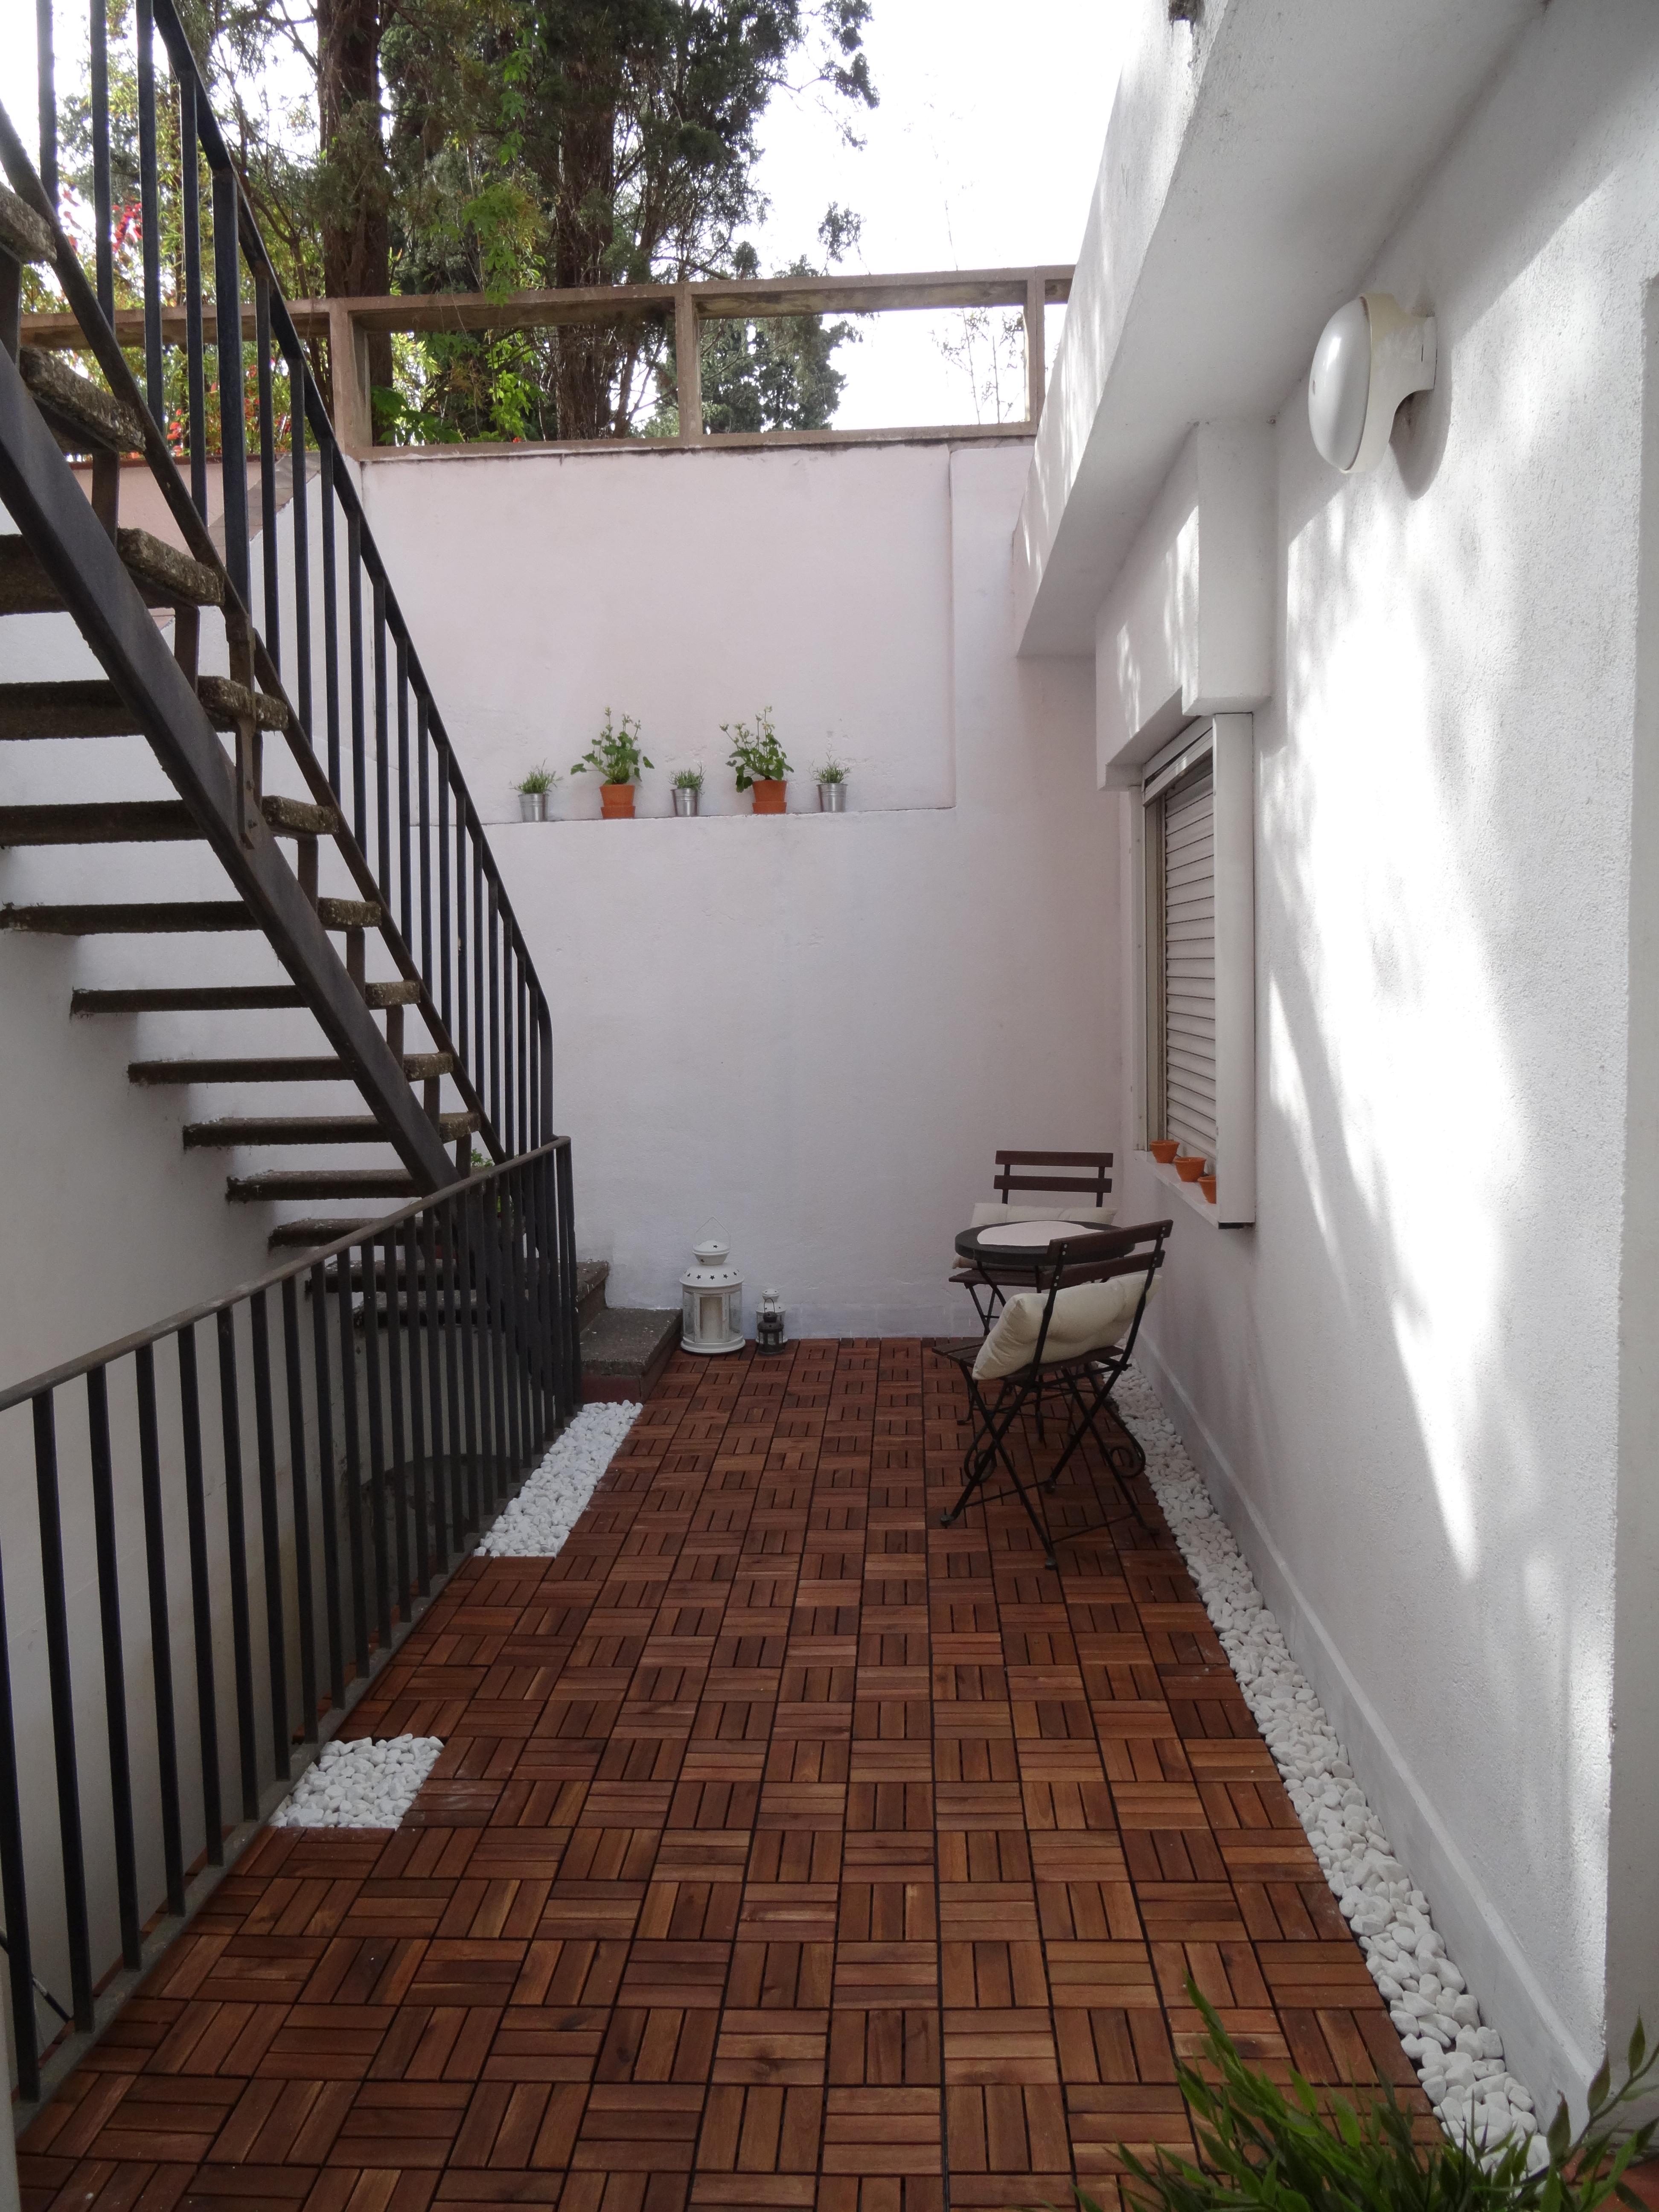 Imitando las terrazas de ikea decoraci n - Farolillos de exterior ...